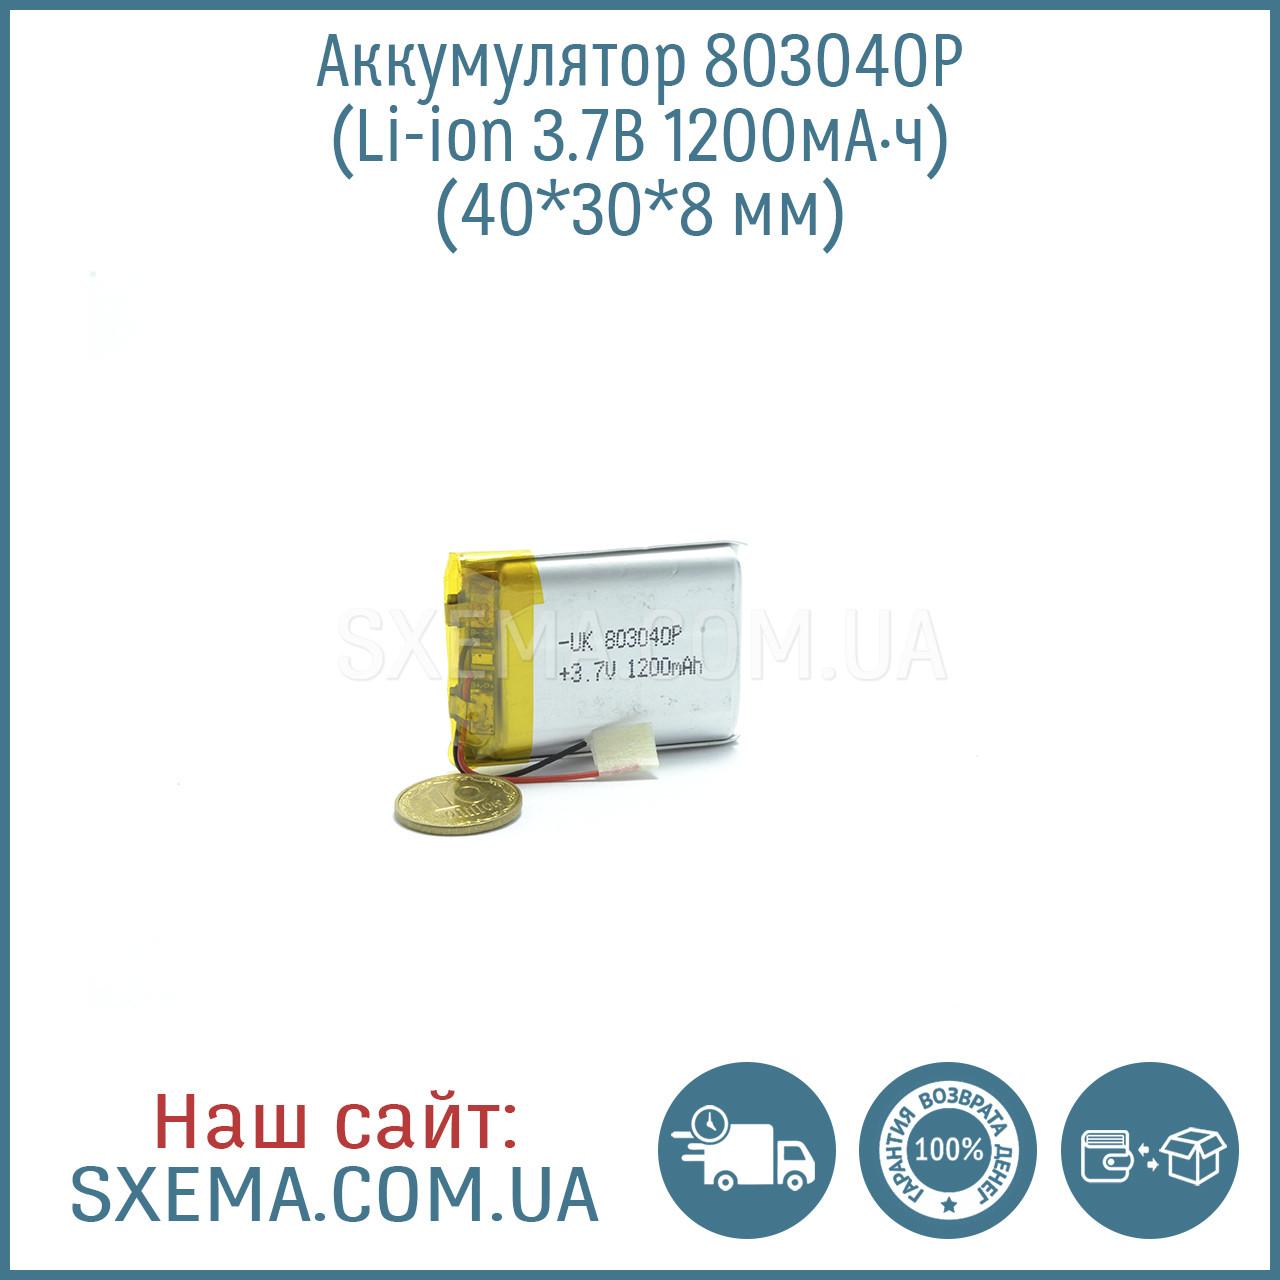 Аккумулятор универсальный 803040   (Li-ion 3.7В 1200мА·ч), (40*30*8 мм)